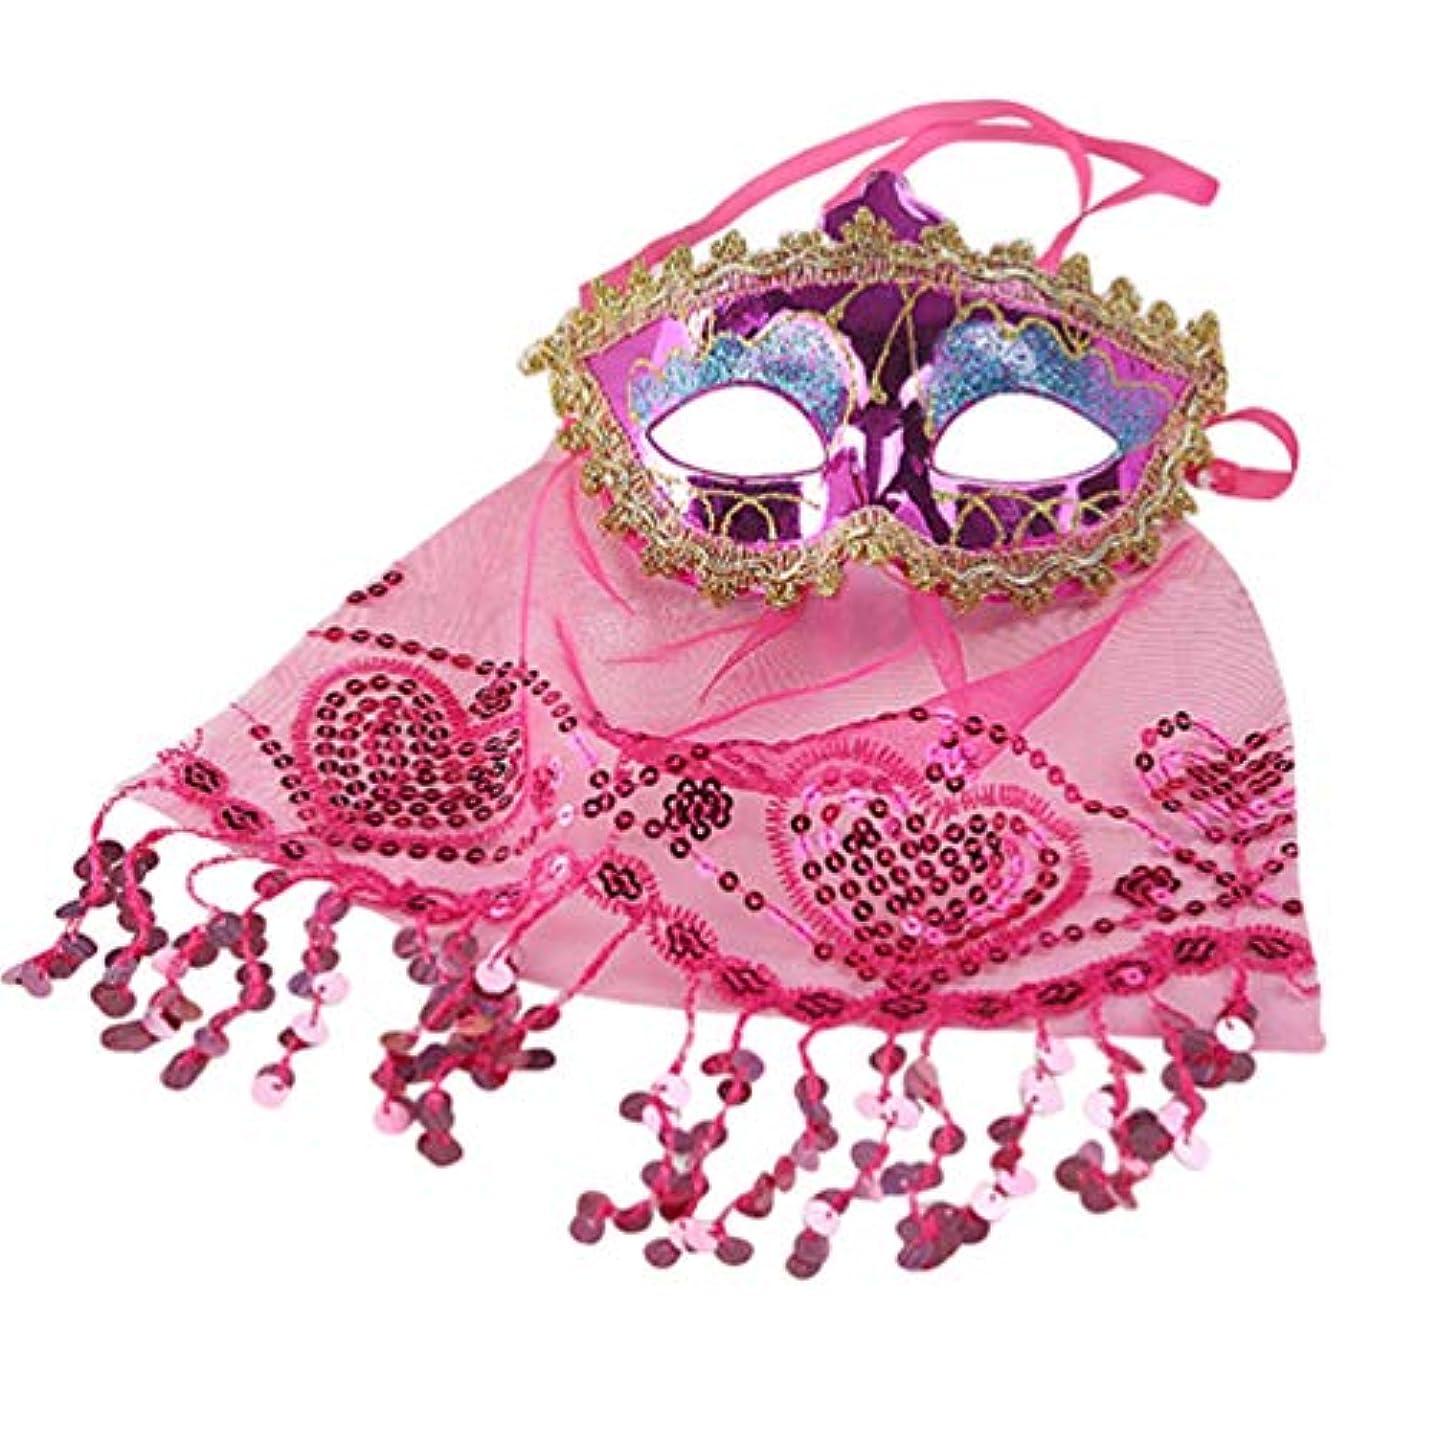 発揮する奪うソブリケットTOYANDONA ベールマスク ベリーダンスベール 踊り パーティー 魅力的 仮面舞踏会マスク ハロウィンコスチューム